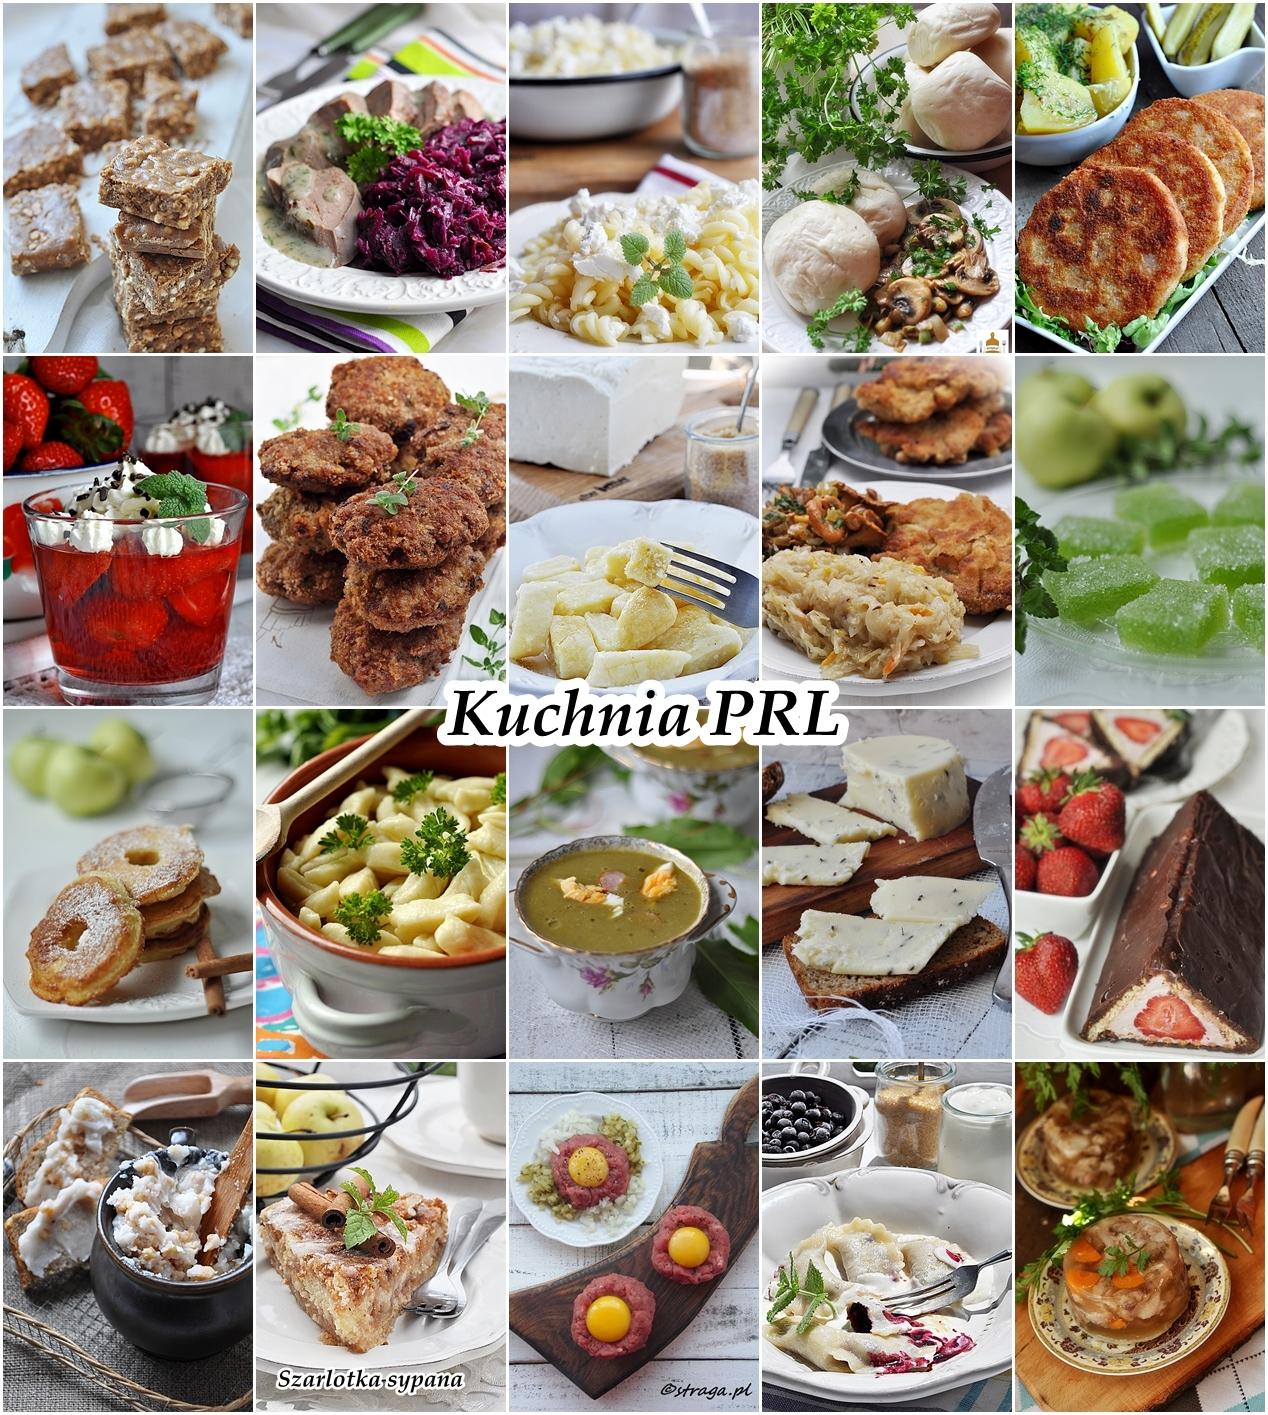 Kuchnia Prl Damsko Meskie Spojrzenie Na Kuchnie